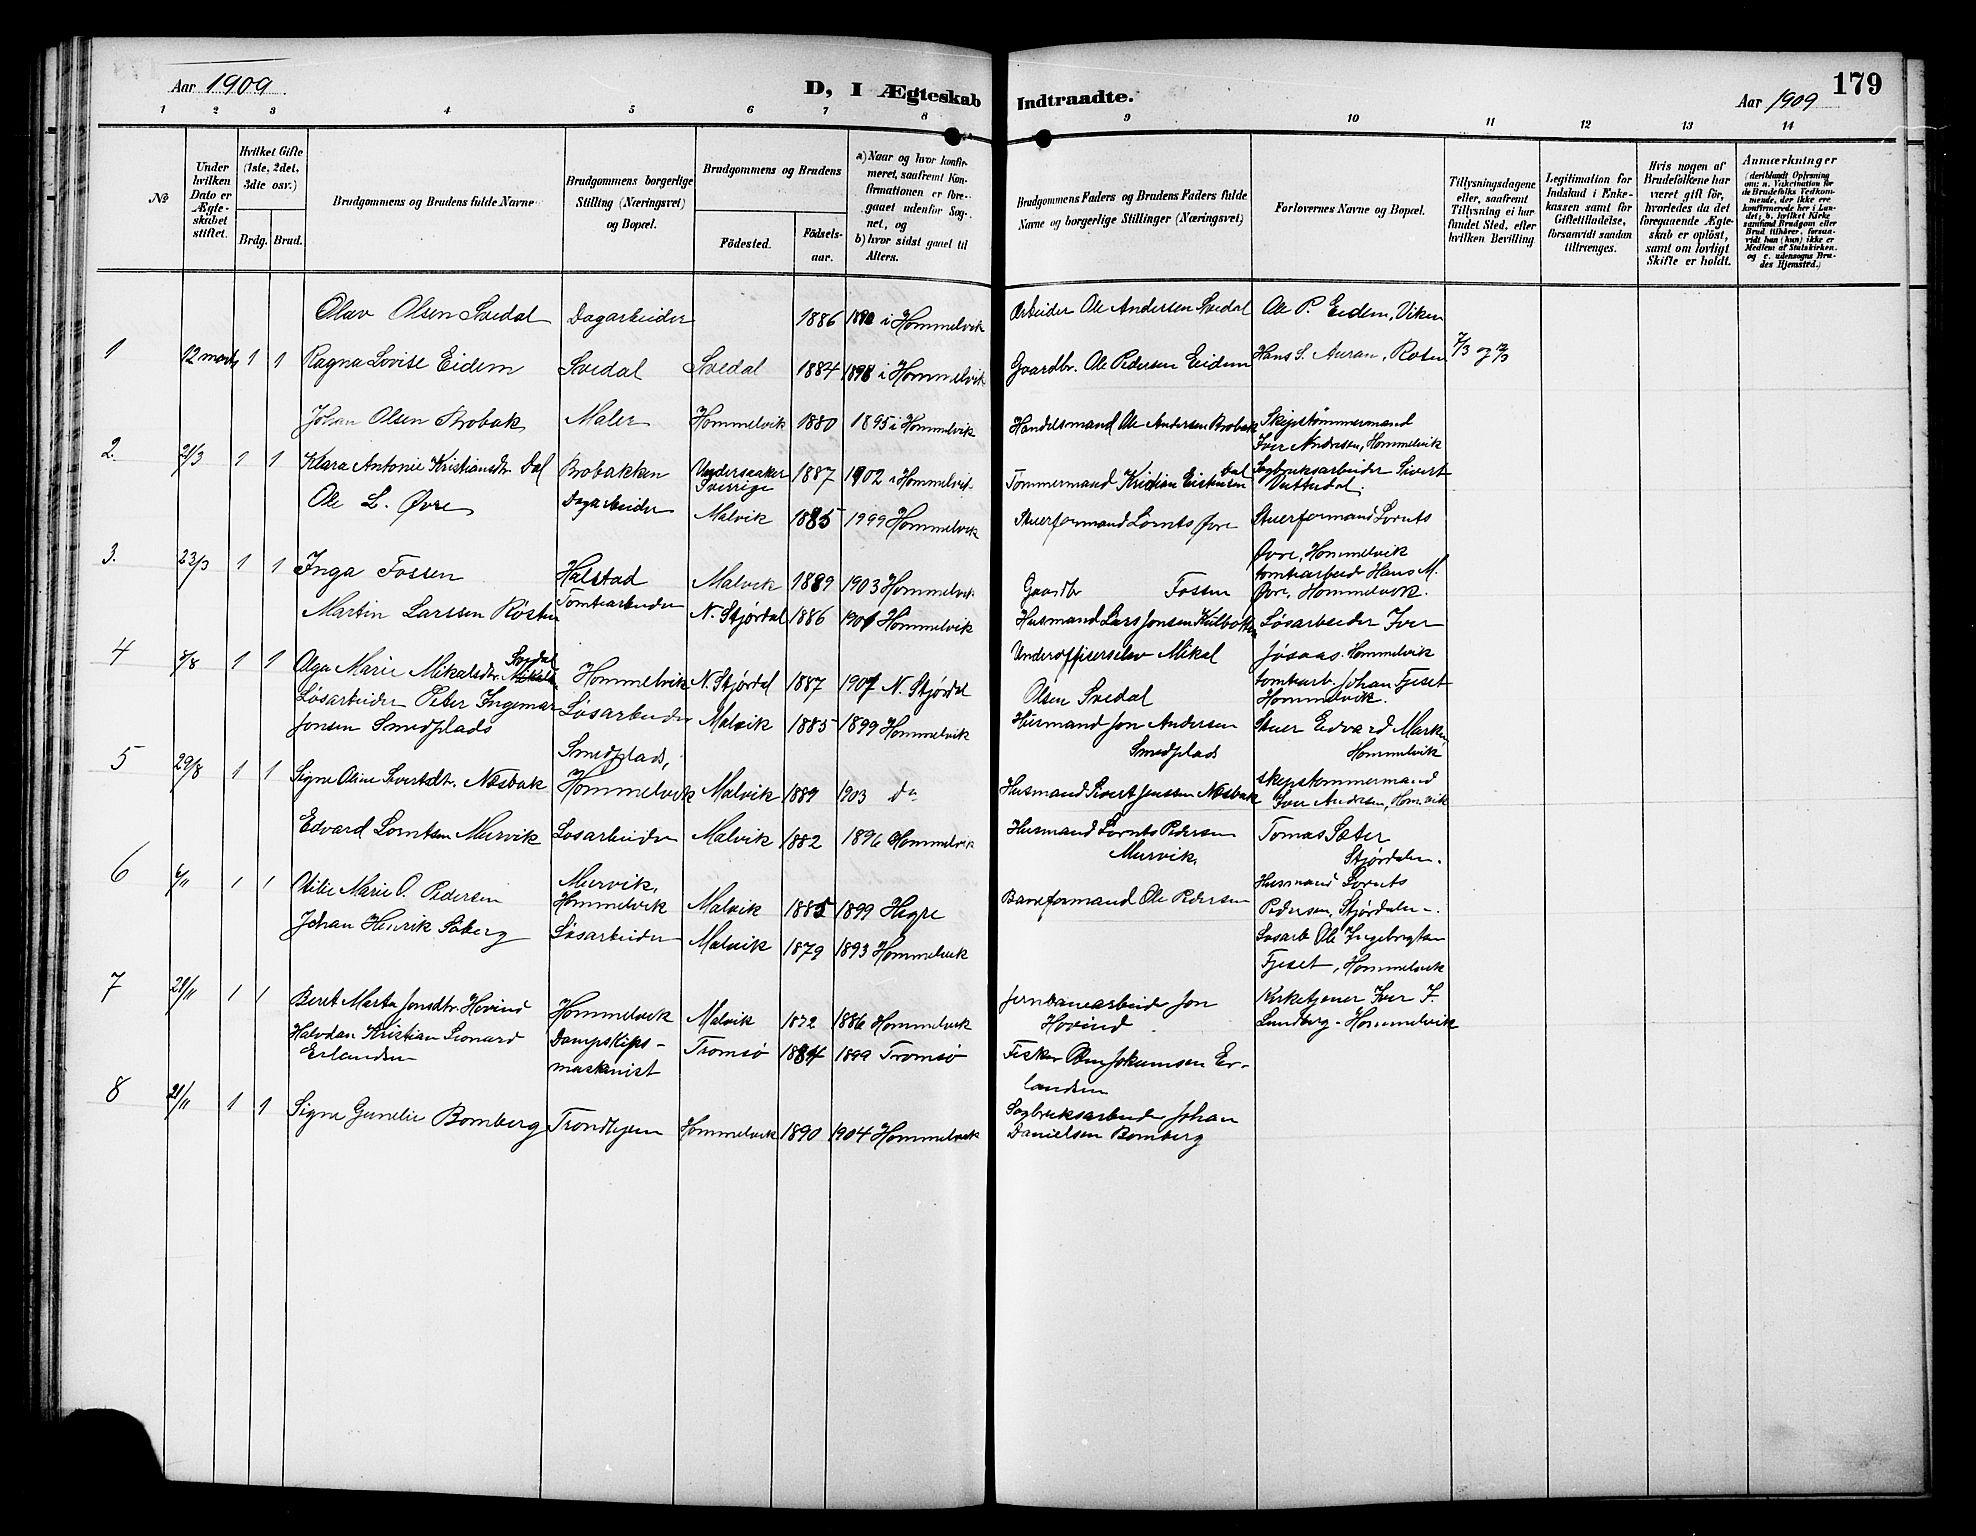 SAT, Ministerialprotokoller, klokkerbøker og fødselsregistre - Sør-Trøndelag, 617/L0431: Klokkerbok nr. 617C01, 1889-1910, s. 179